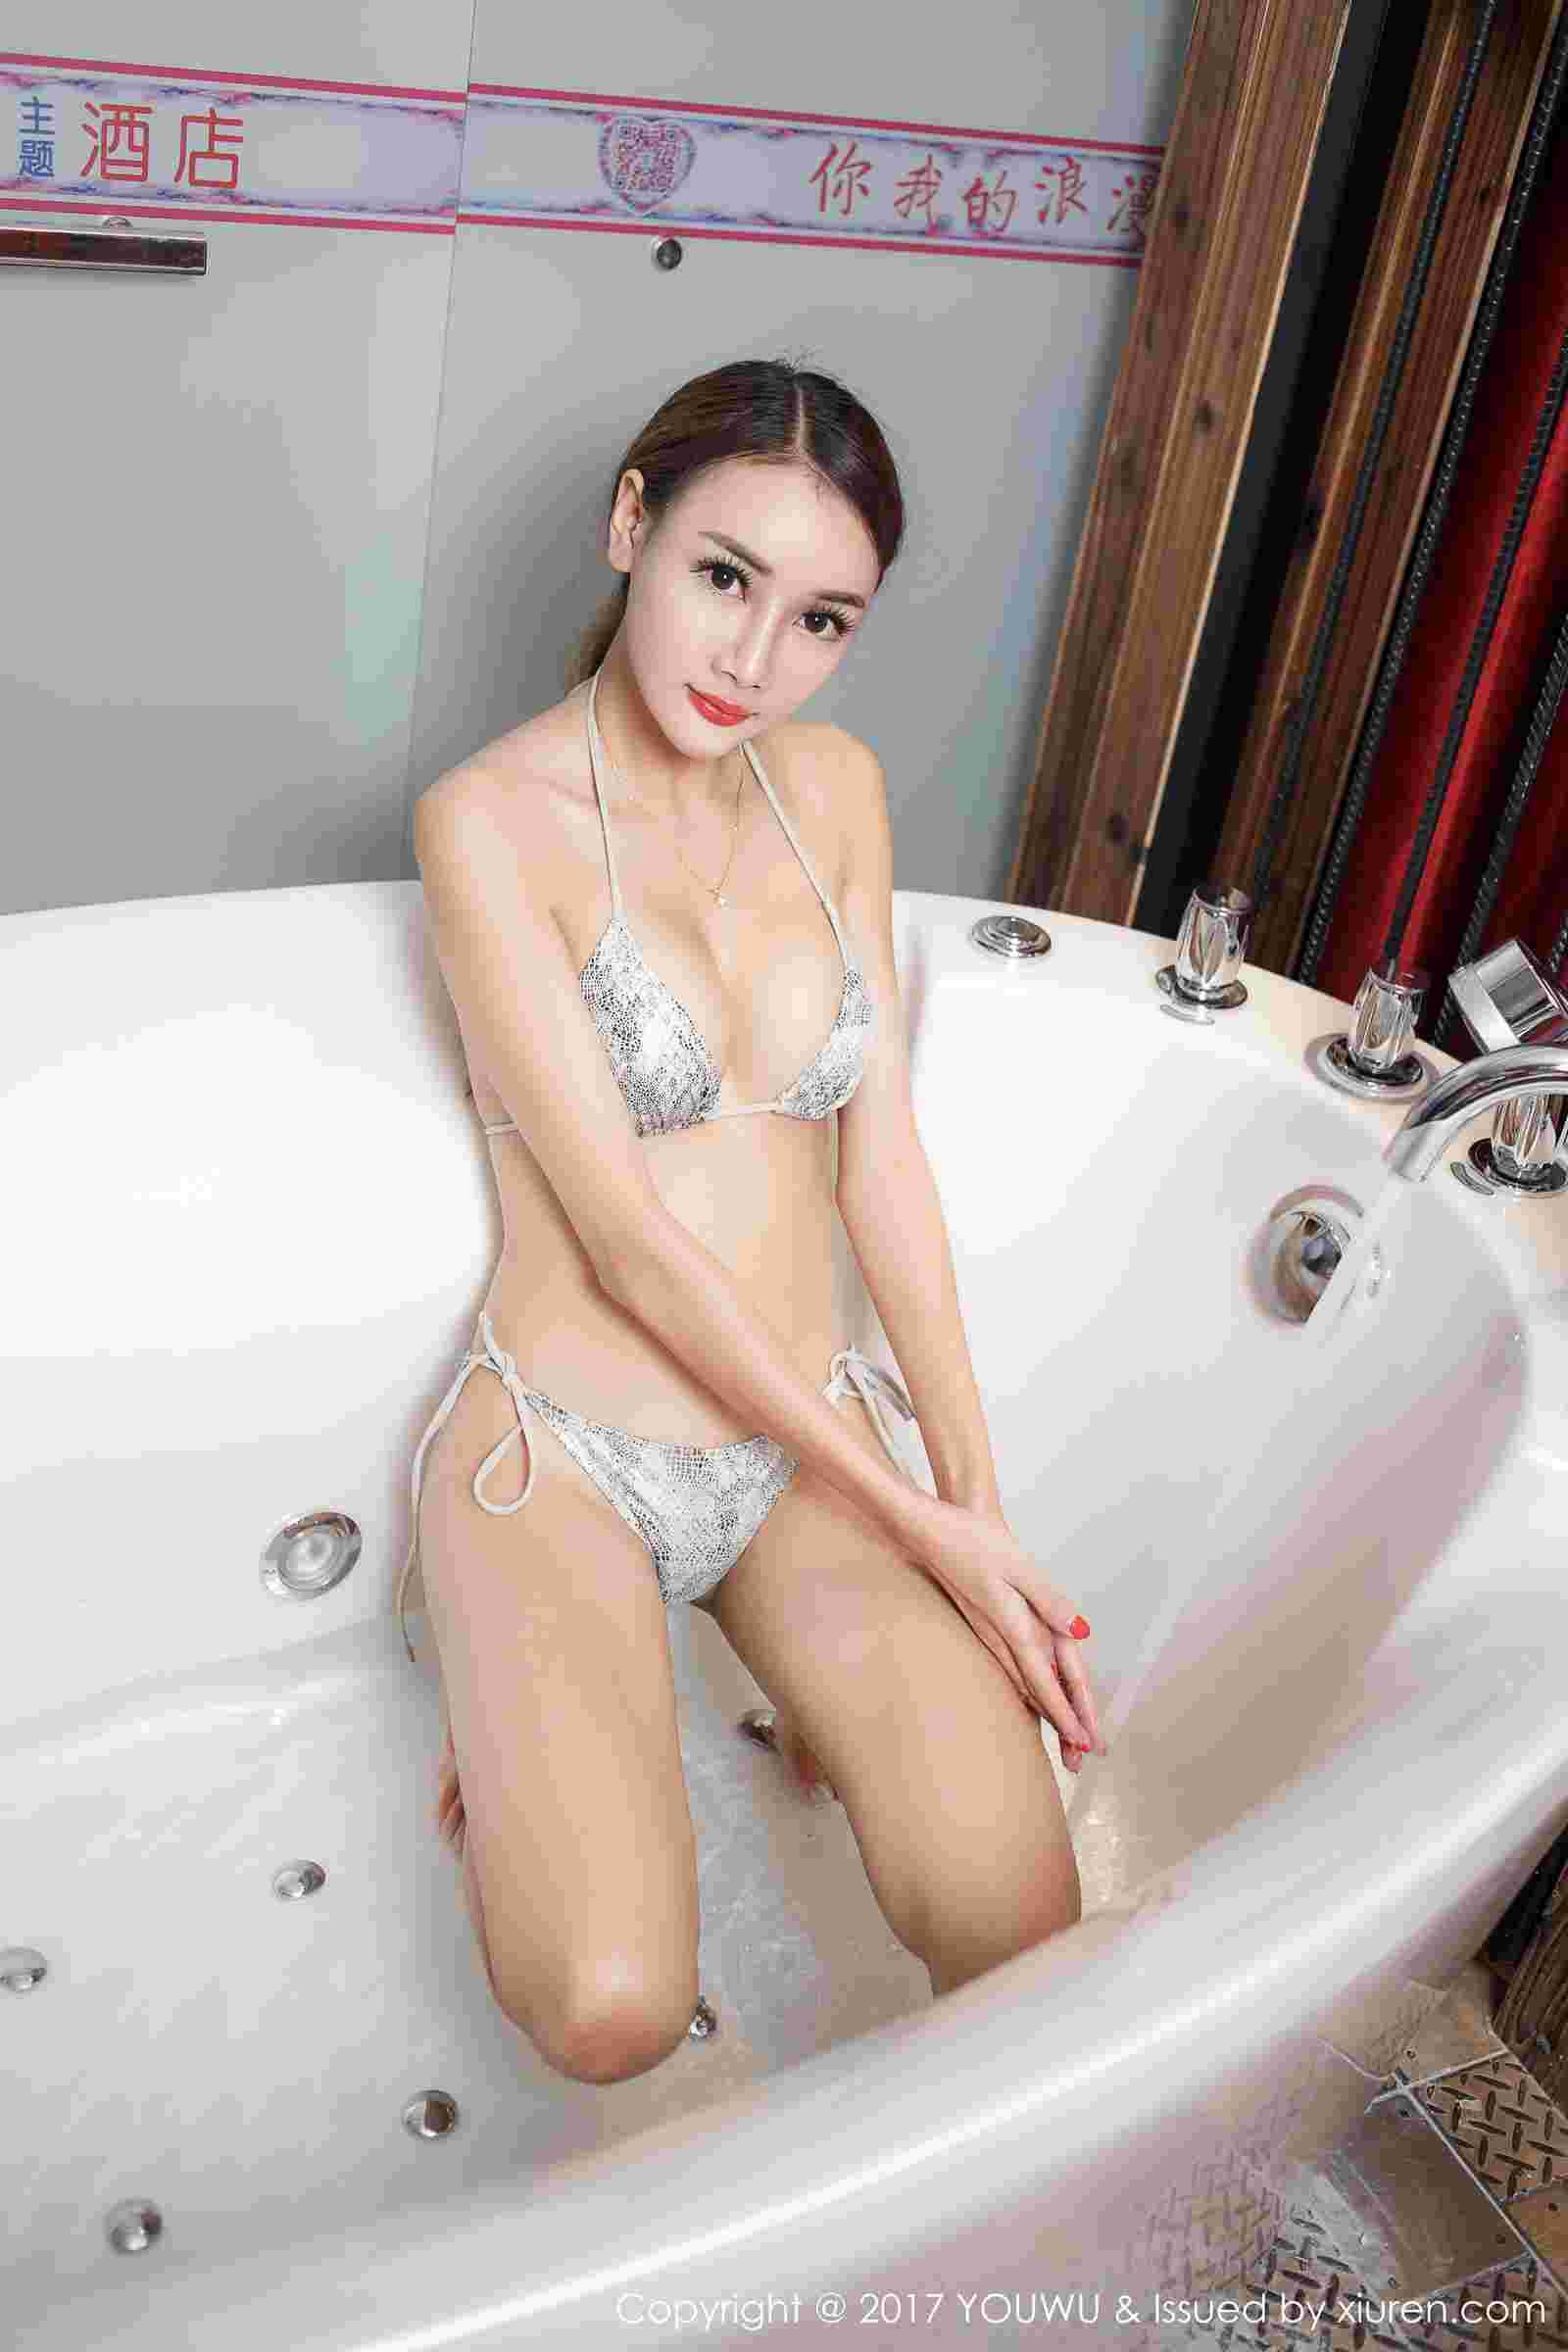 婕西儿jessie - 浴室湿身下的完美诱惑